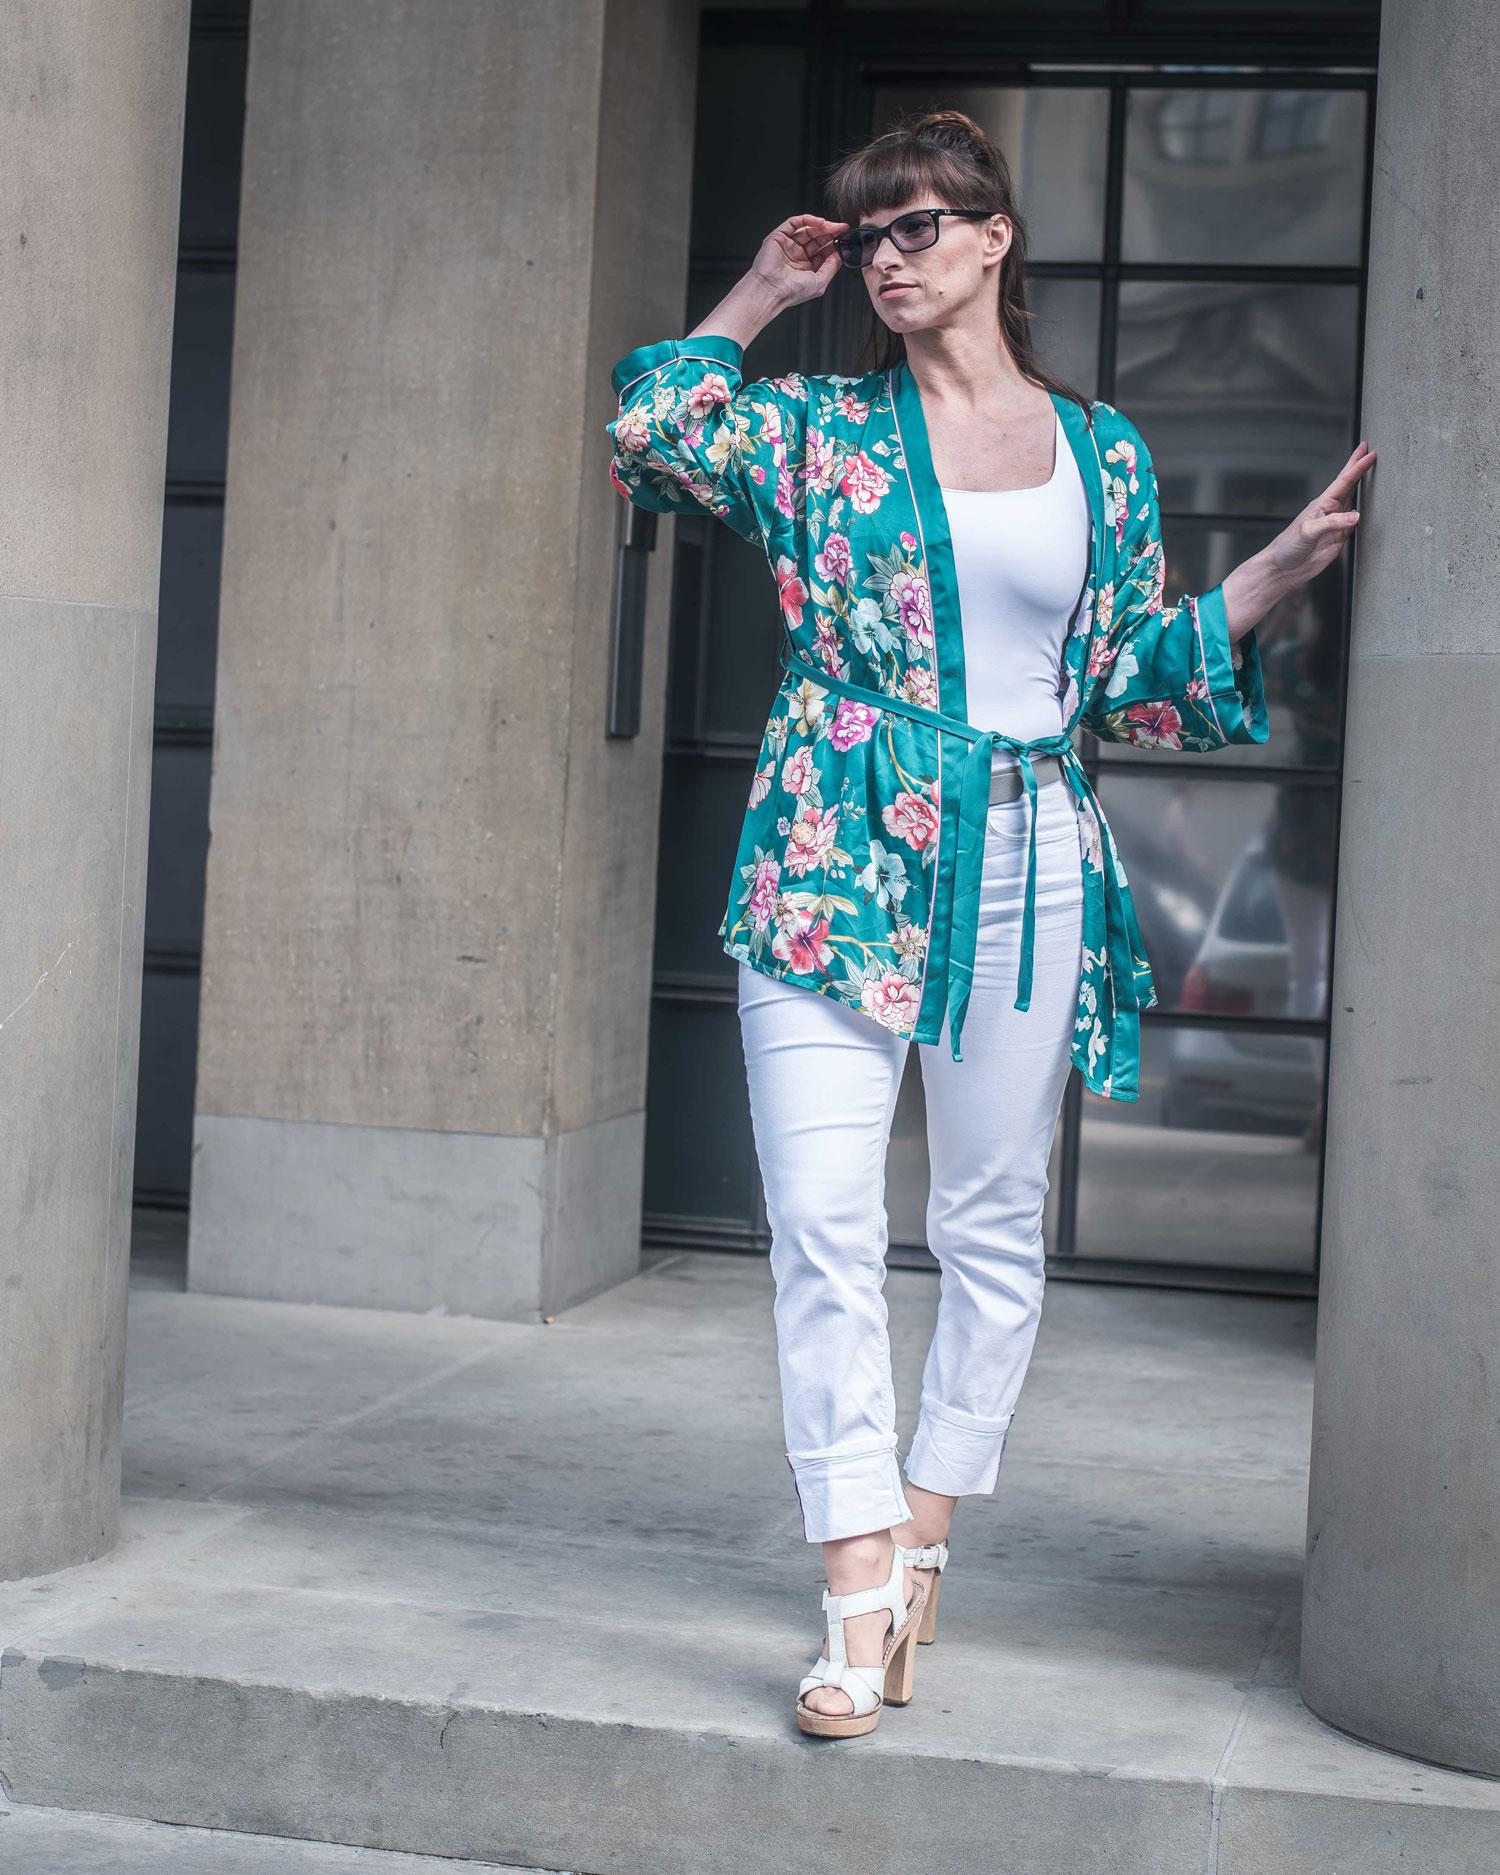 Kimono von Intimissimi, weisse Jeans von Zara, weisses Basic Top von Zara, Sandaletten von Ol'Autre Shoses